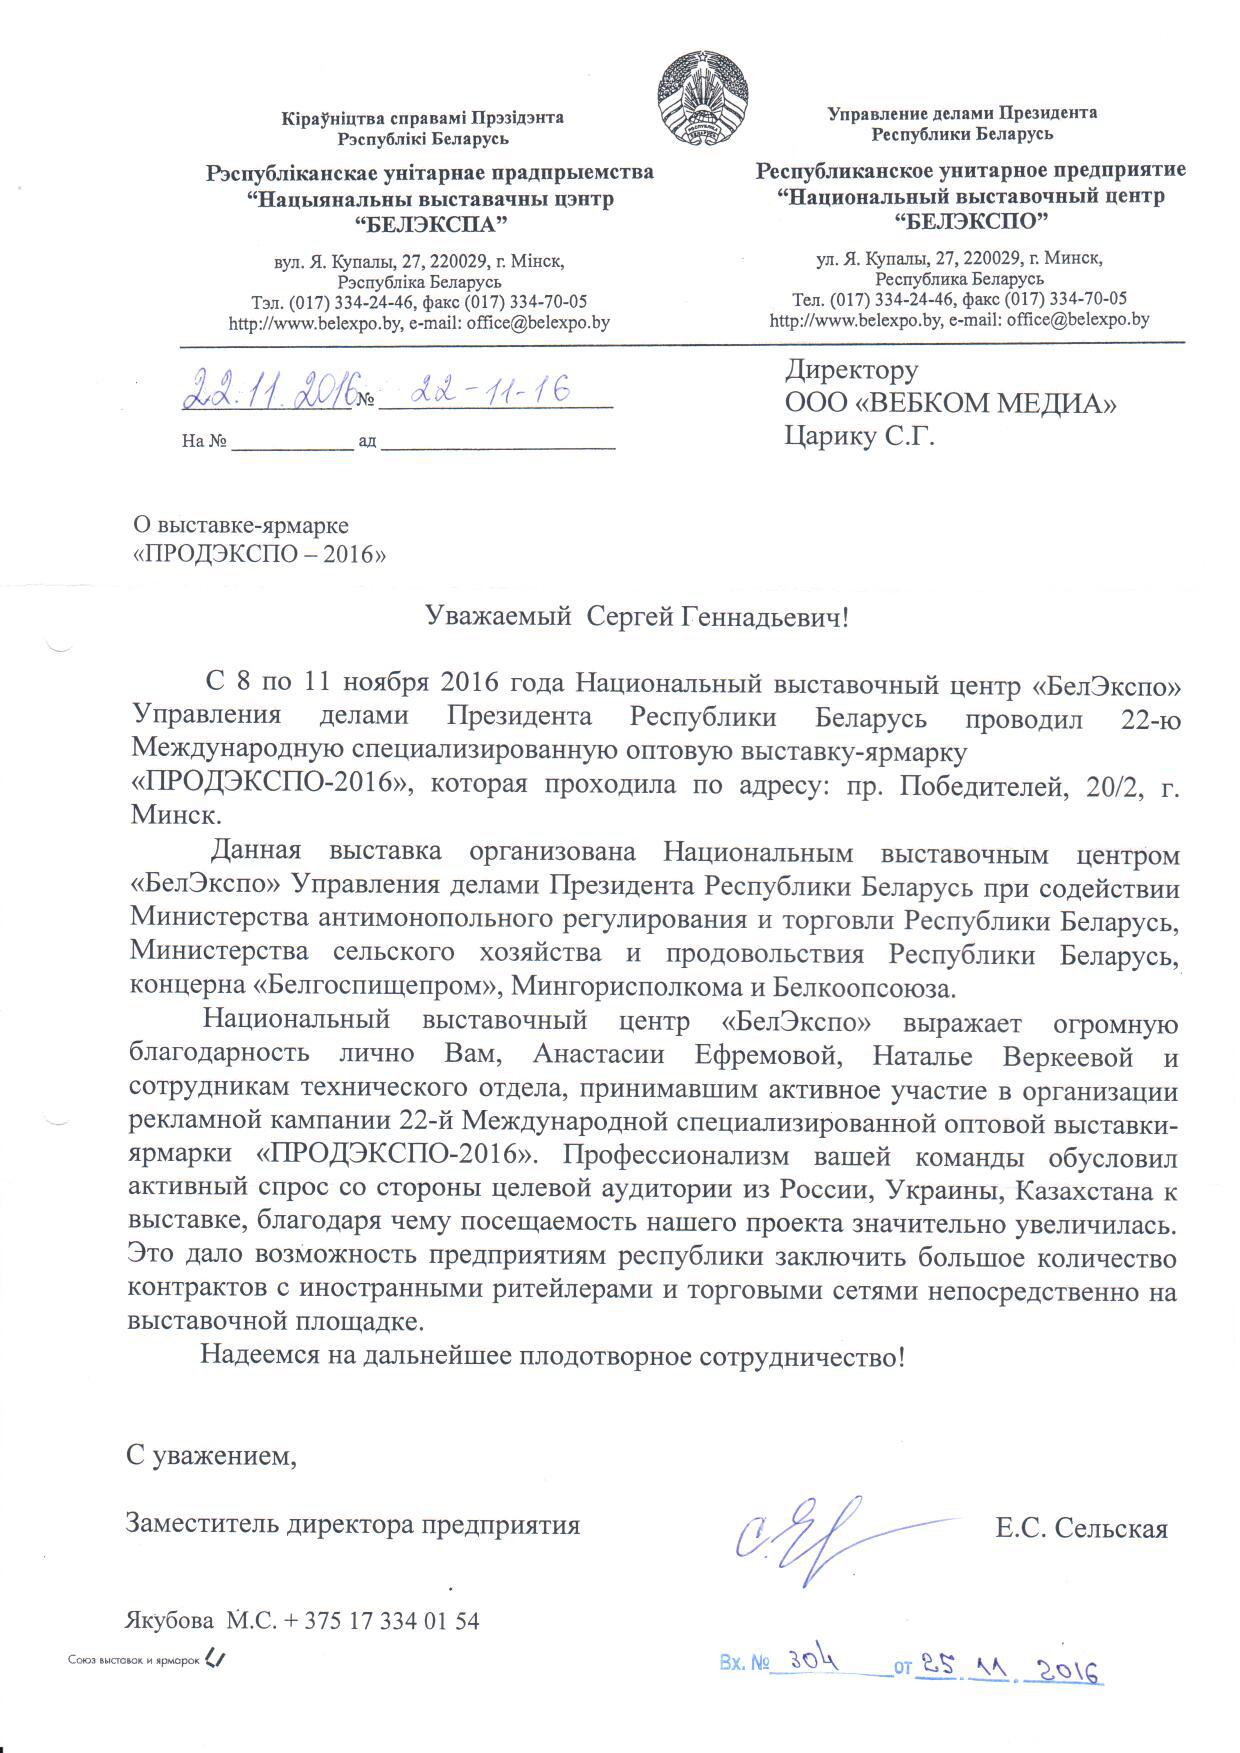 Заместитель директора предприятия Национальный выставочный центр «БЕЛЭКСПО»